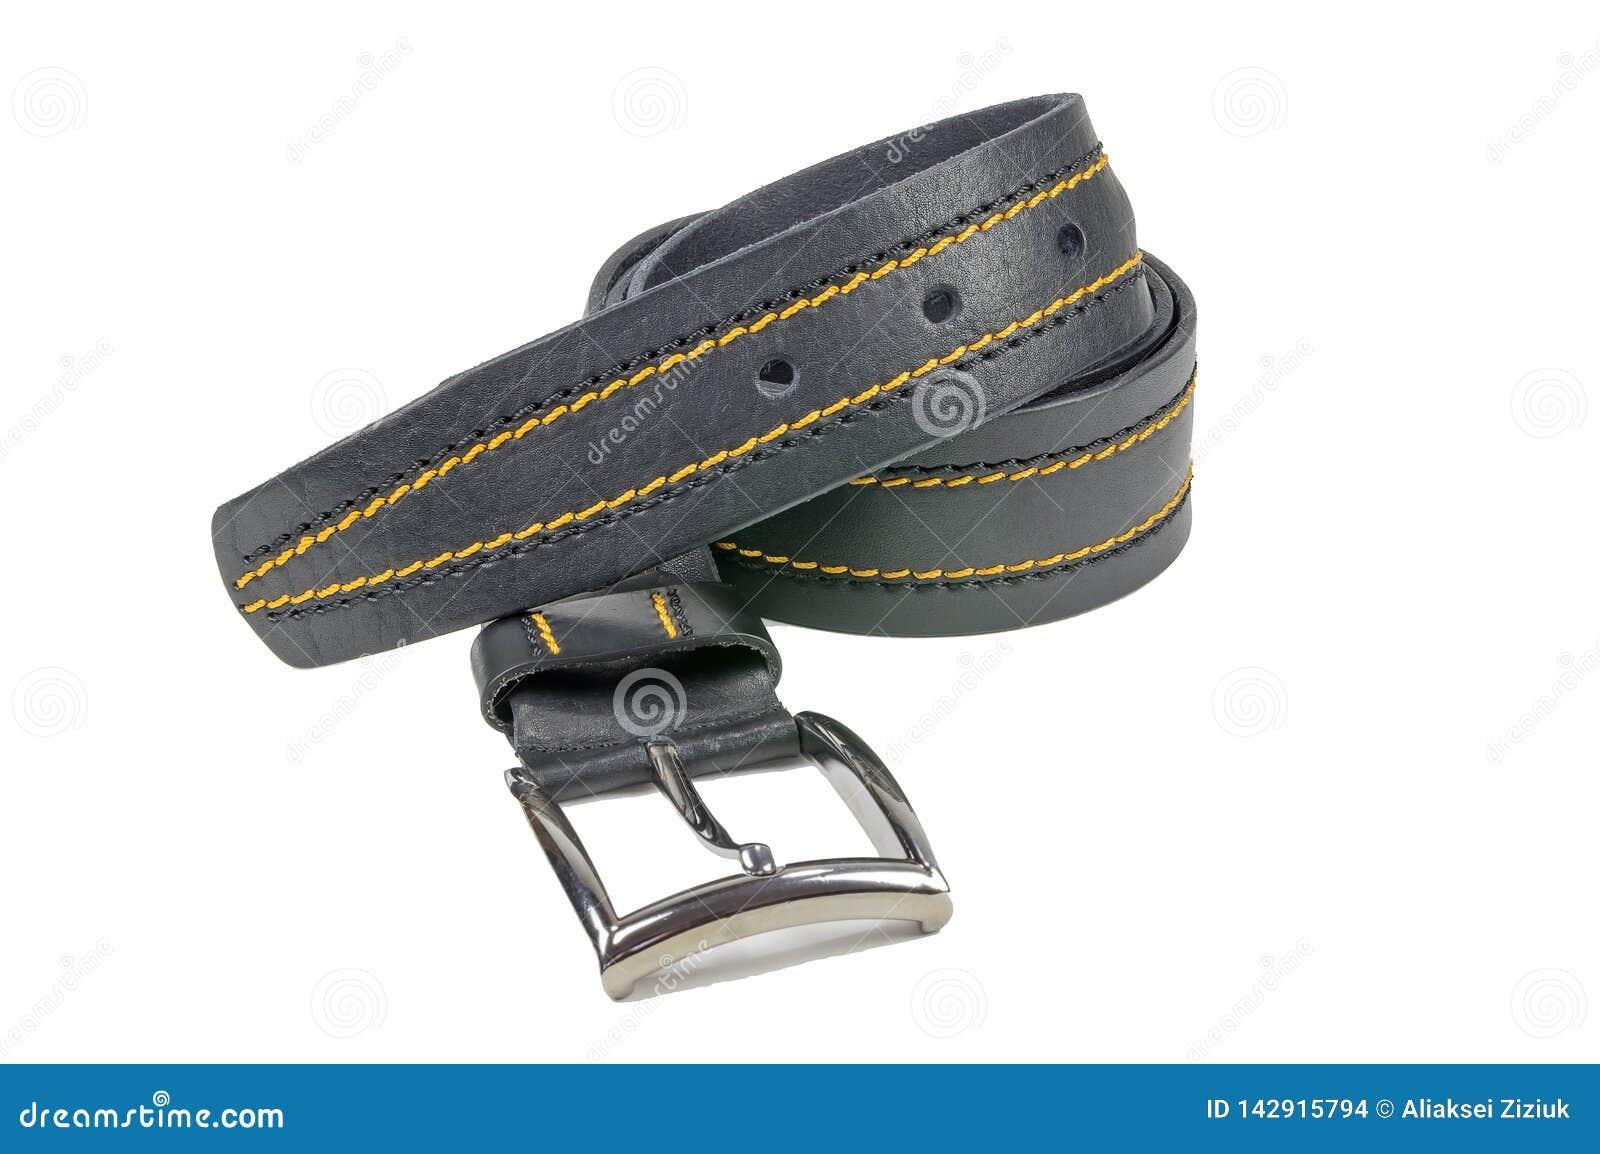 Zawalony trouser pasek, czarny zaszyty z żółtą nicią